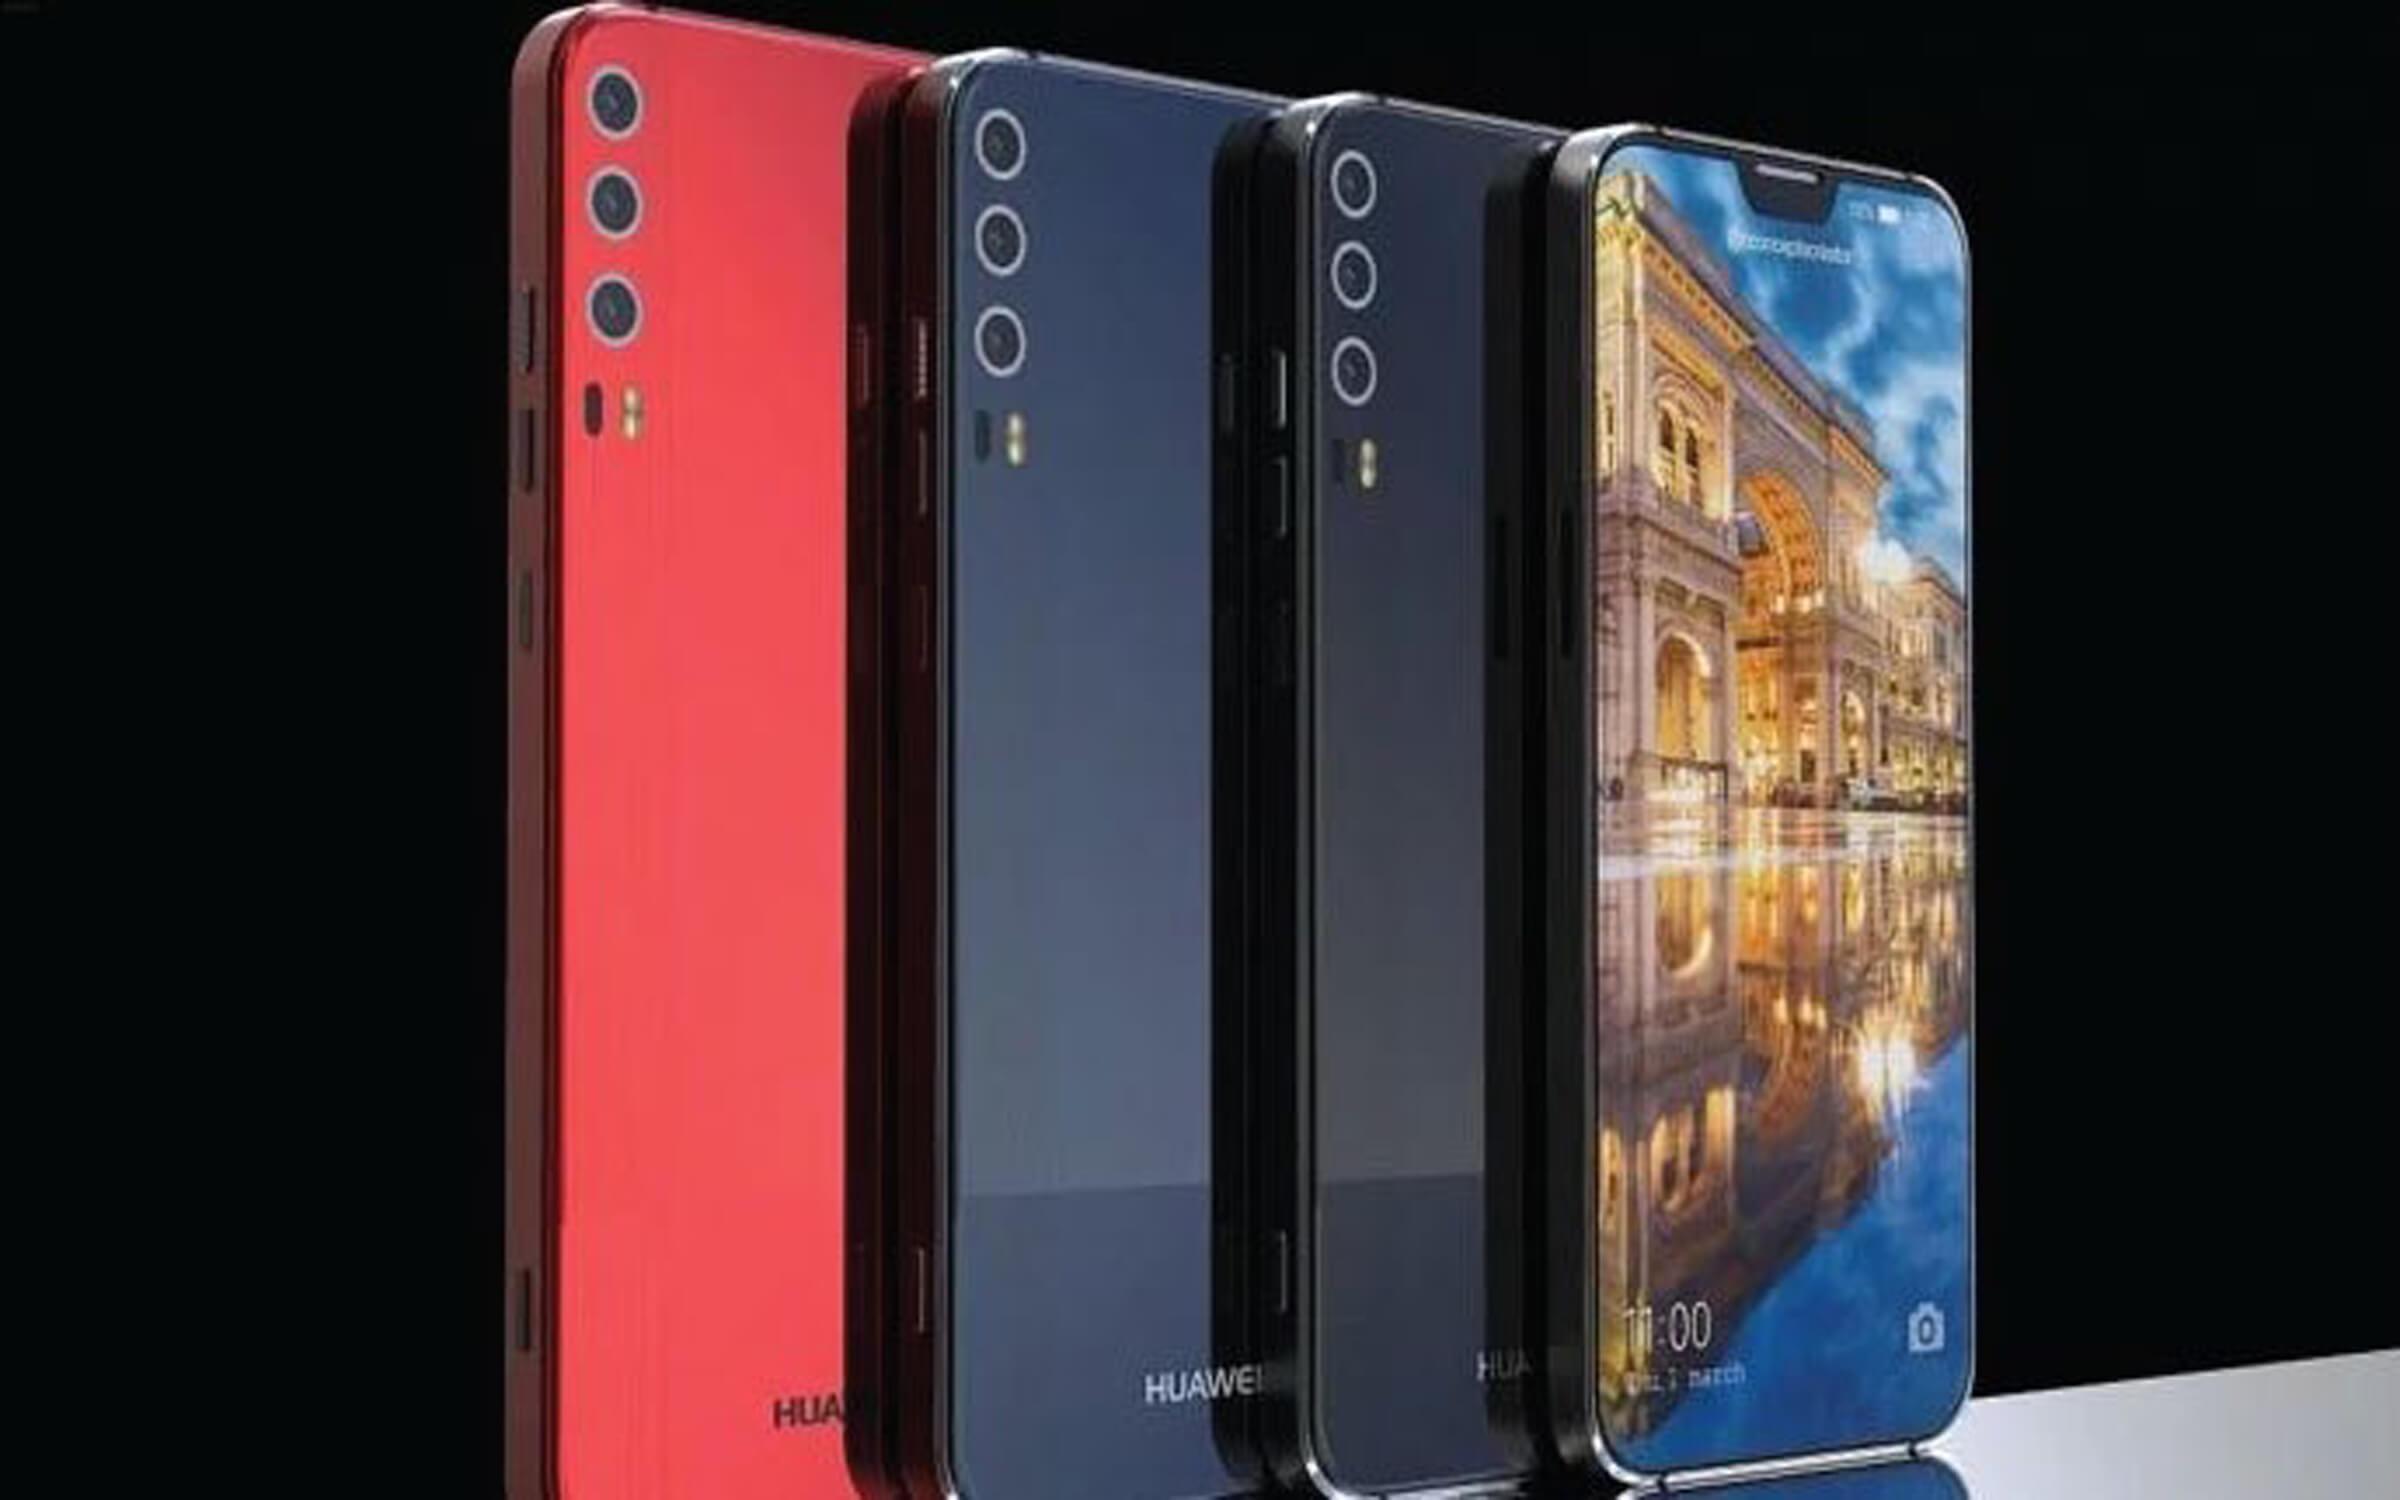 Le design du Huawei P20 se rapproche toujours autant de l'iPhone X